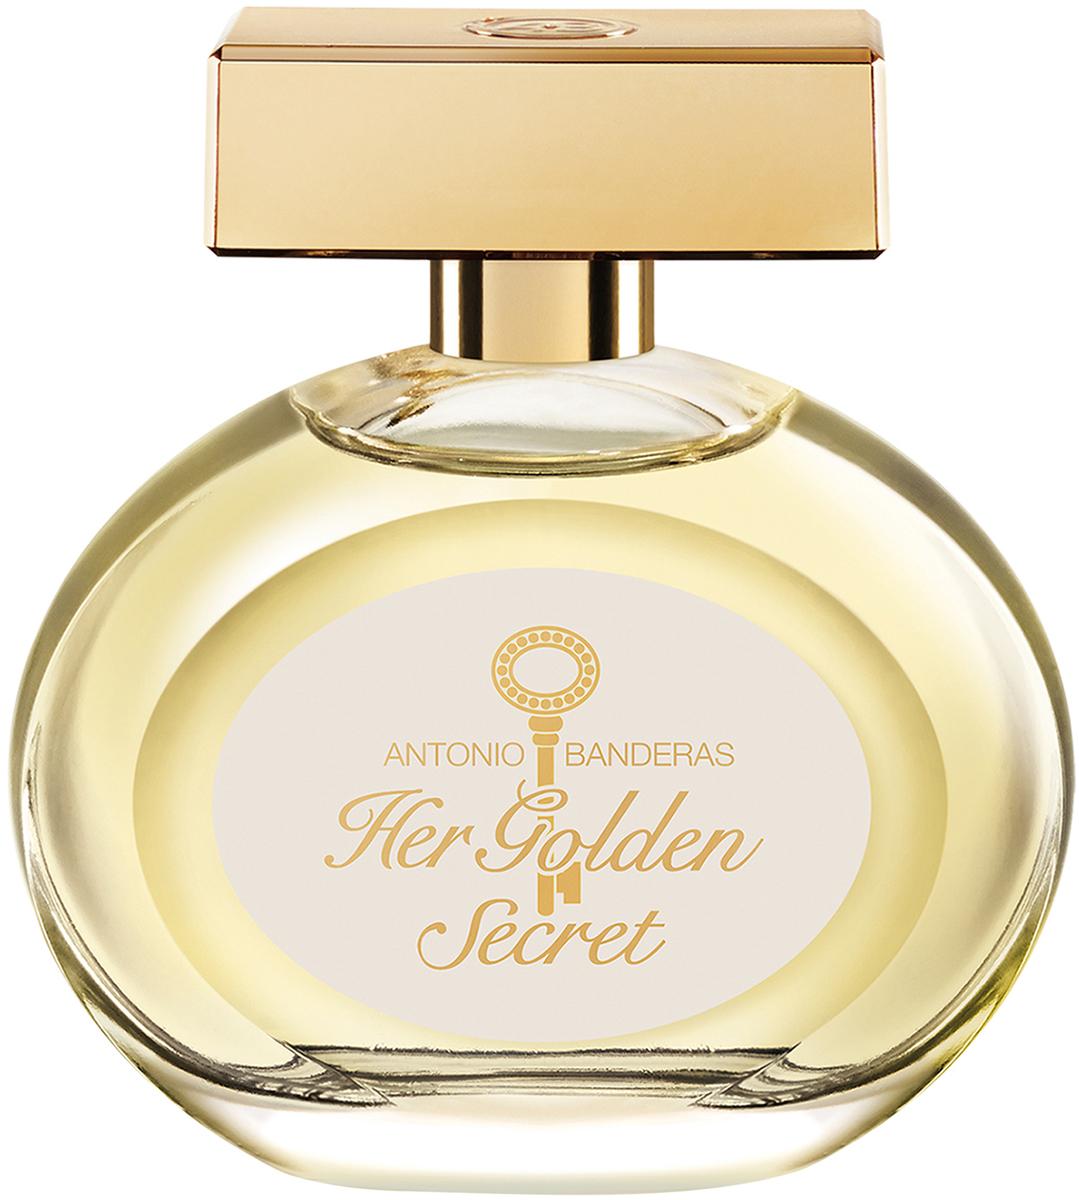 Antonio Banderas туалетная вода Her Golden Secret 50 мл купить